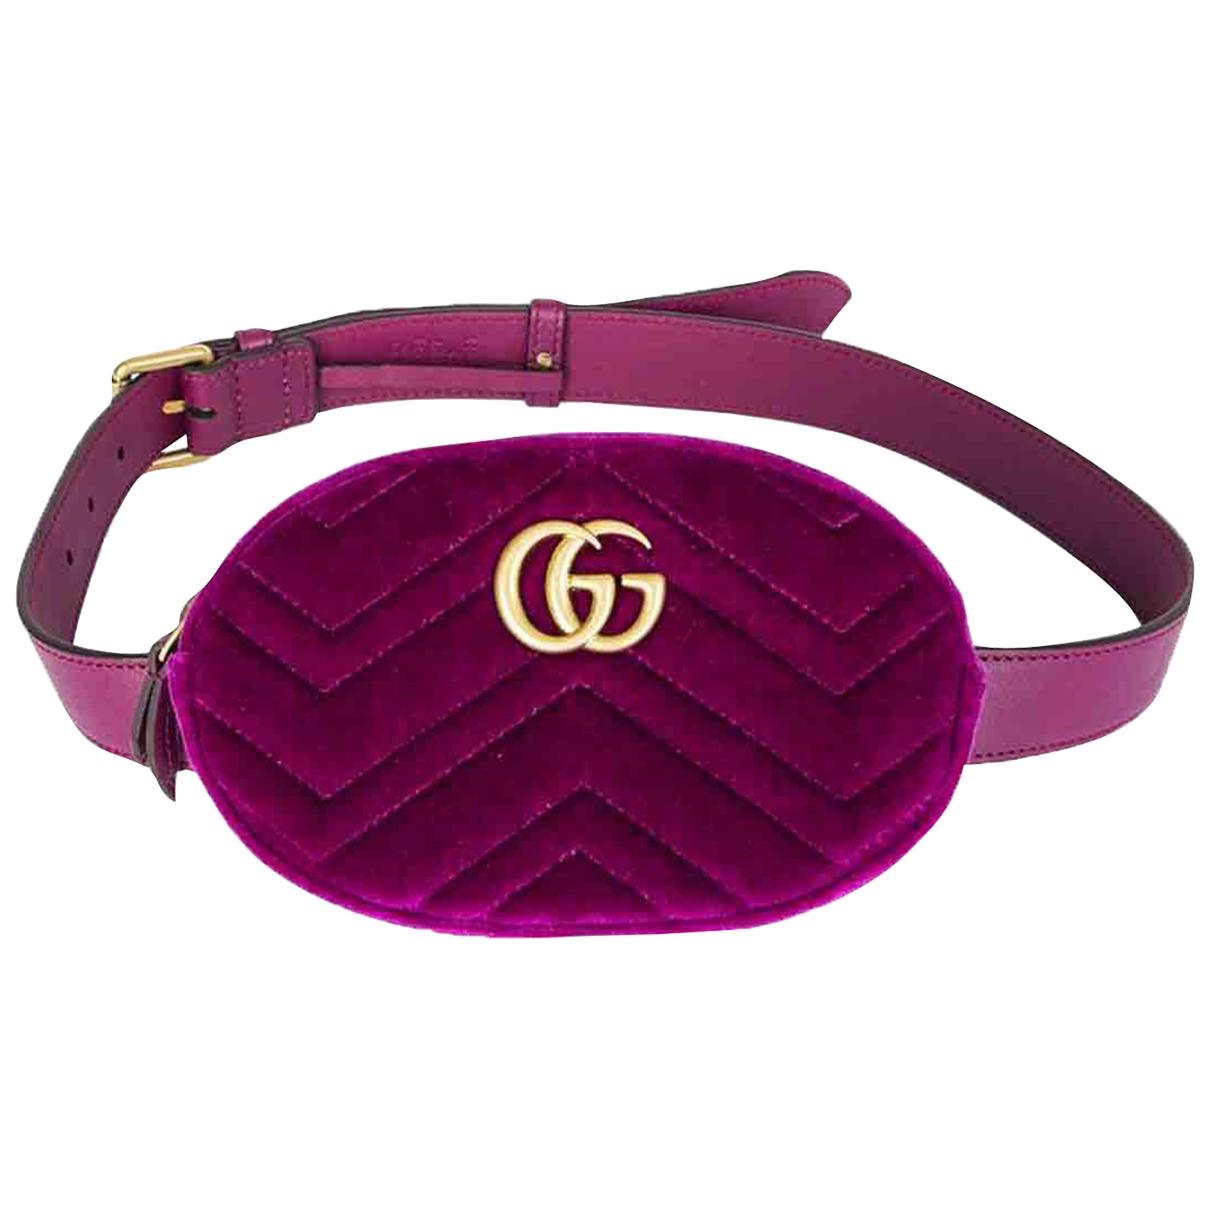 Gucci - Pochette Marmont pour femme en velours - violet